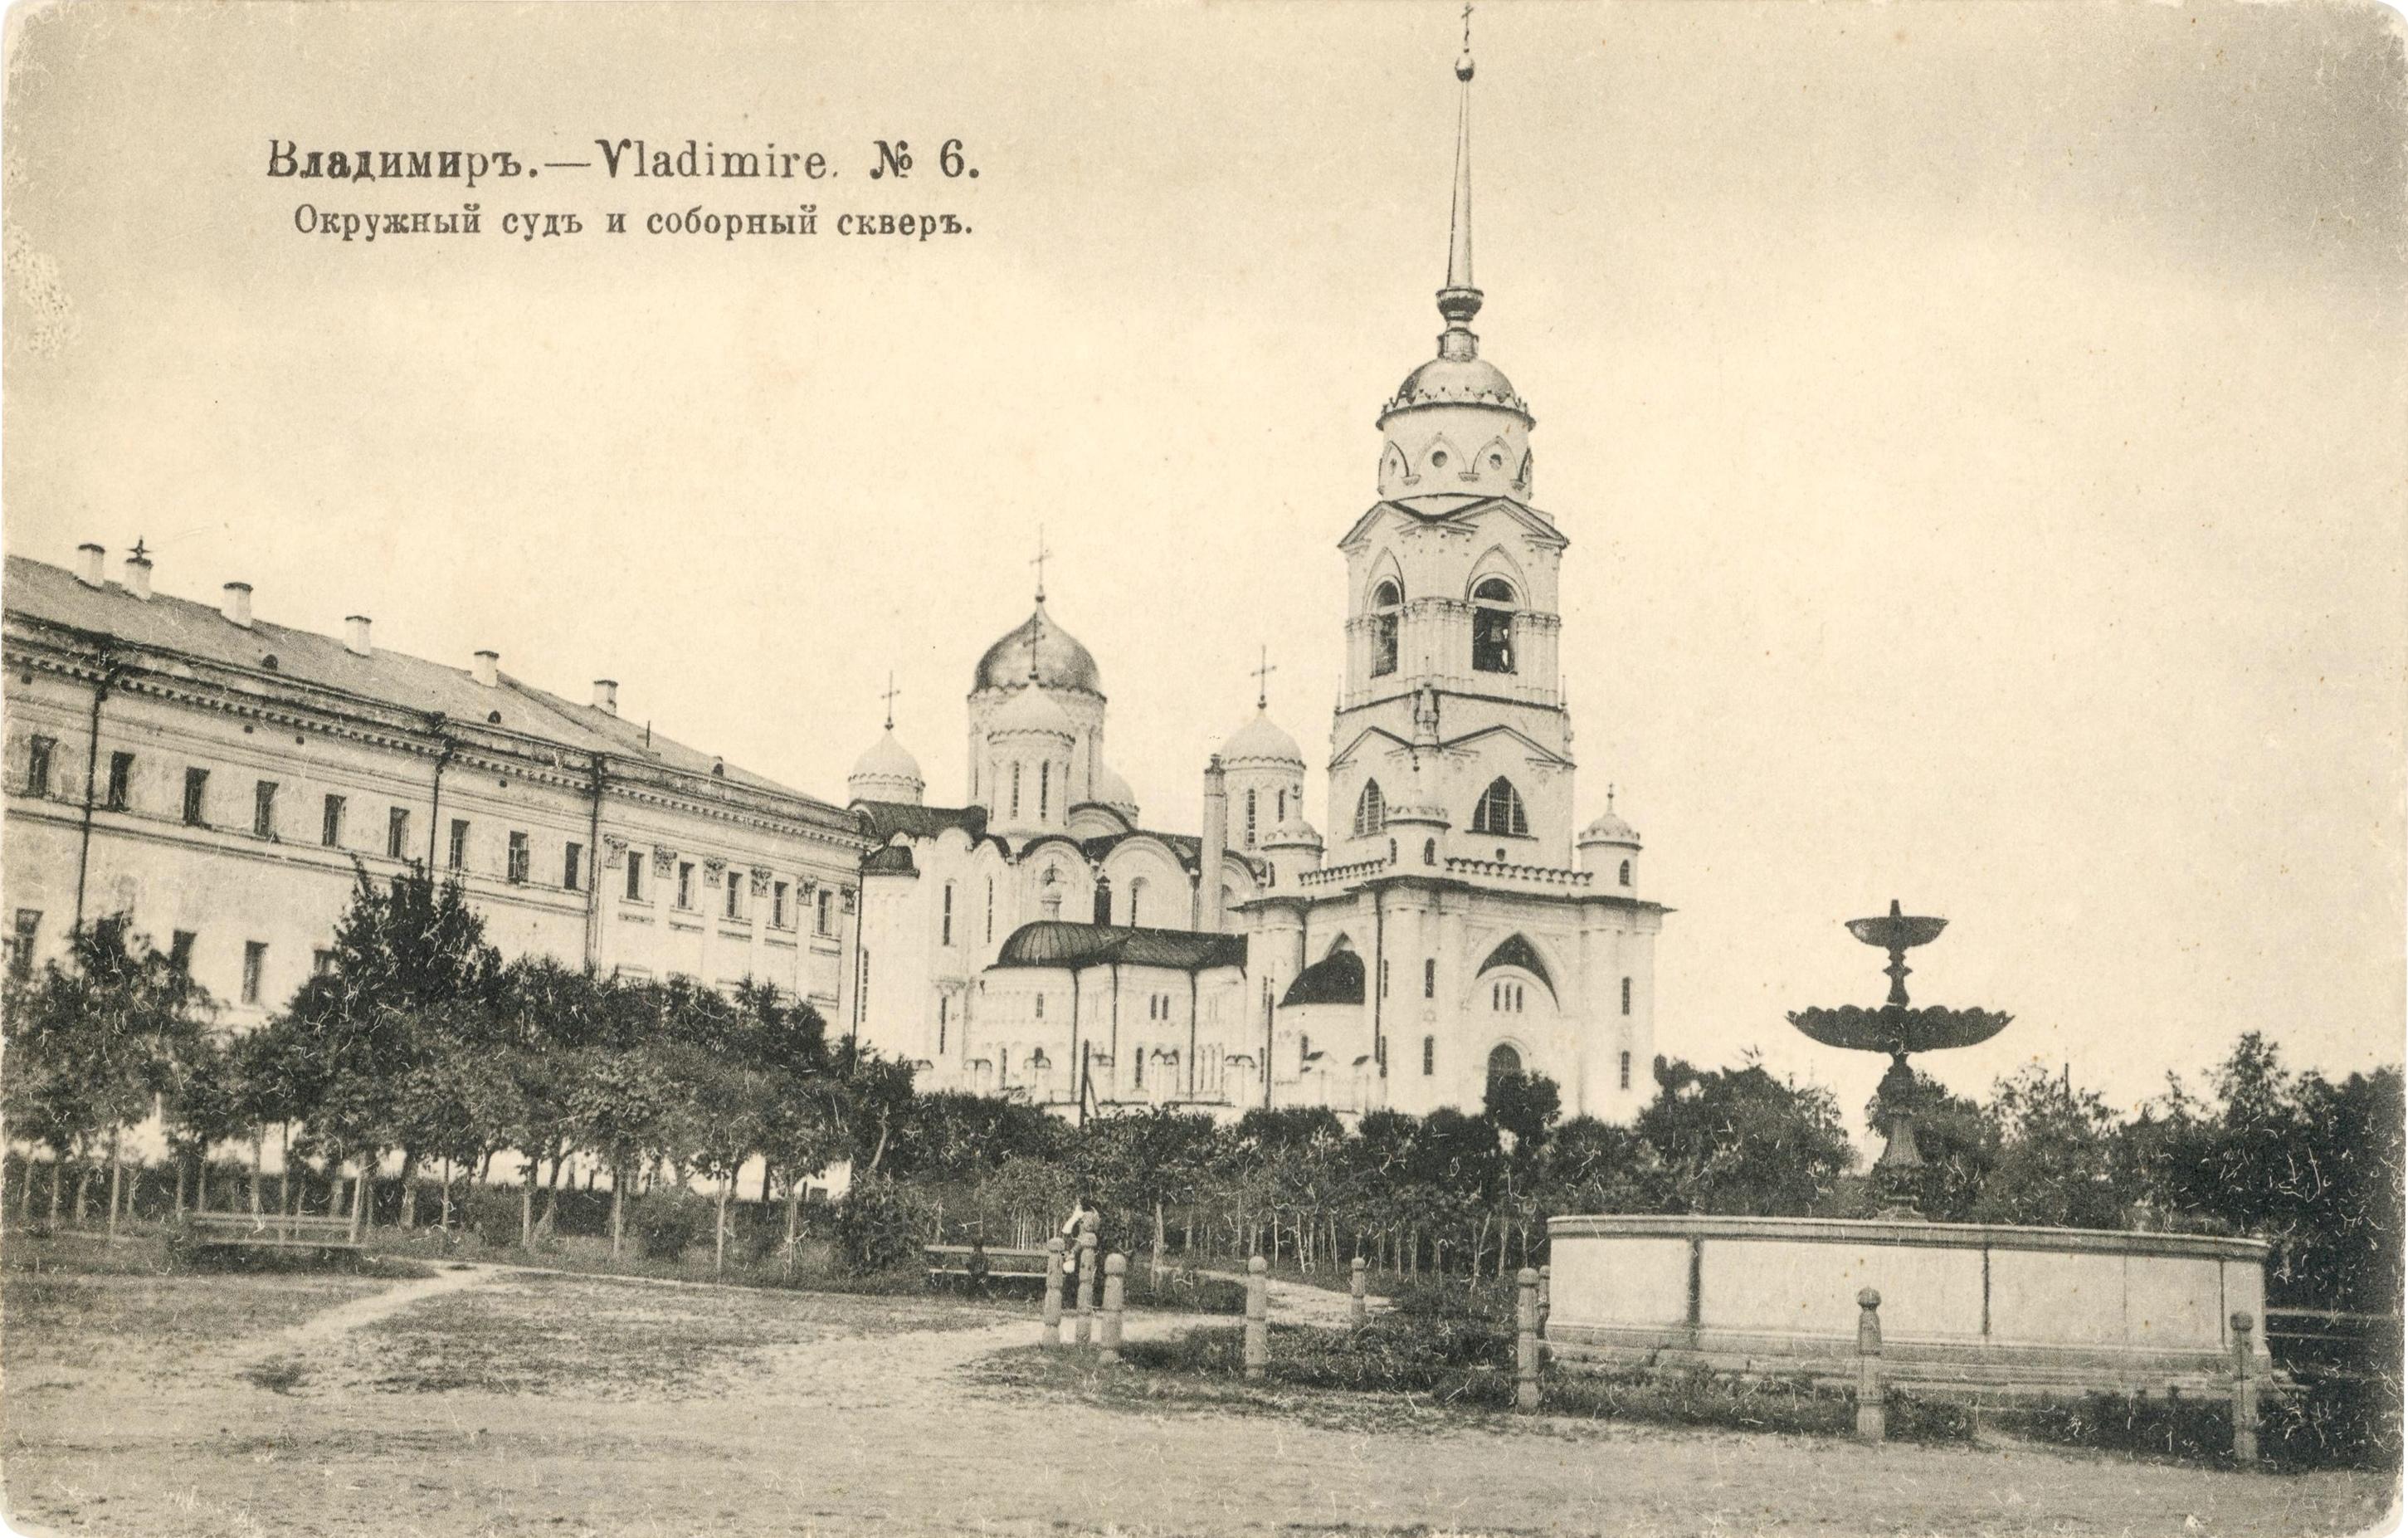 Окружной суд и соборный сквер